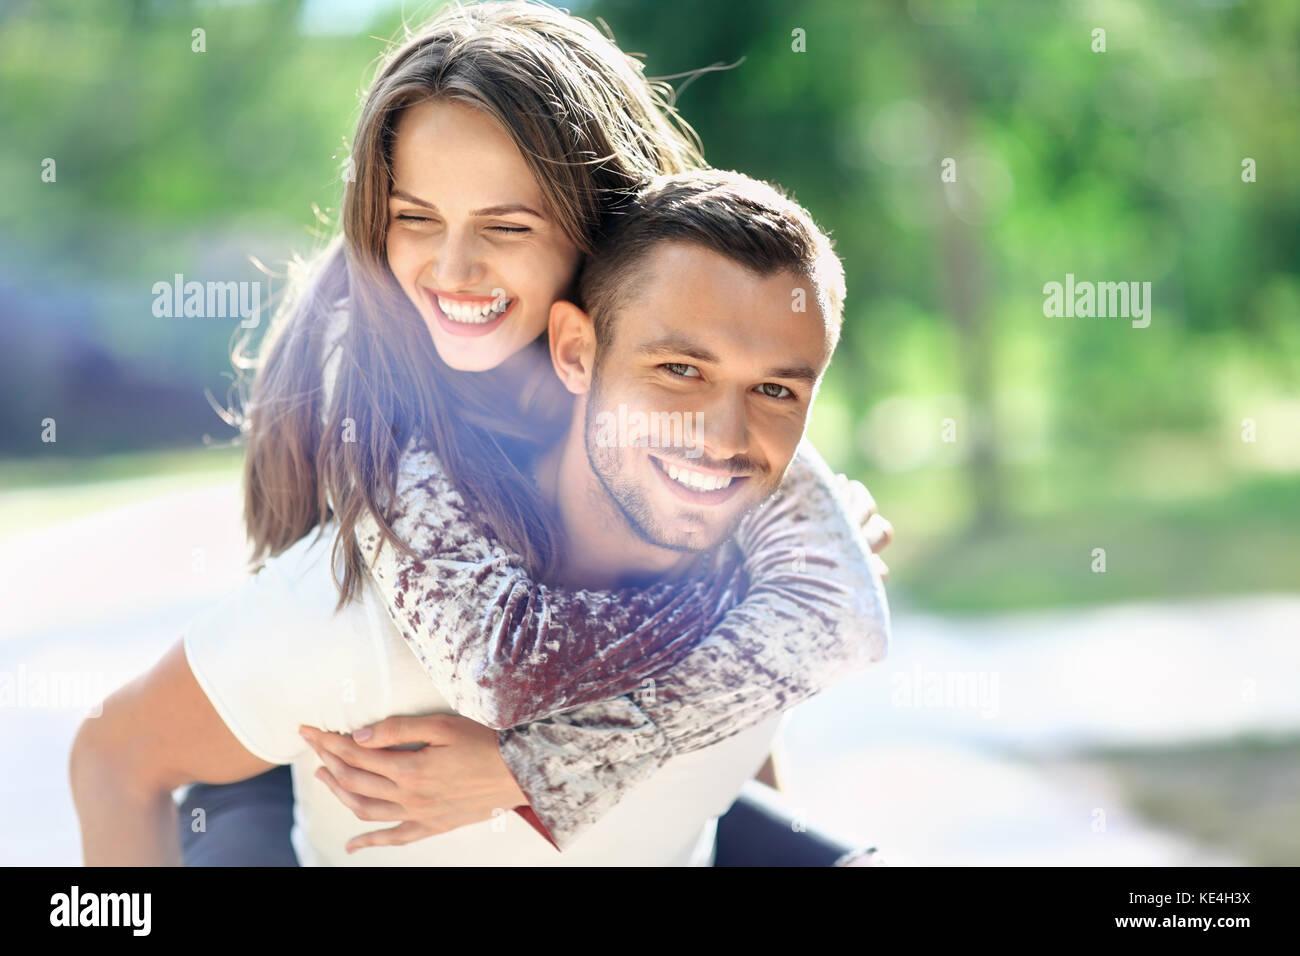 Uomo che porta la sua fidanzata sul retro. Felice di ridere giovane piggyback. Giovani allegro amorevole coppia Immagini Stock